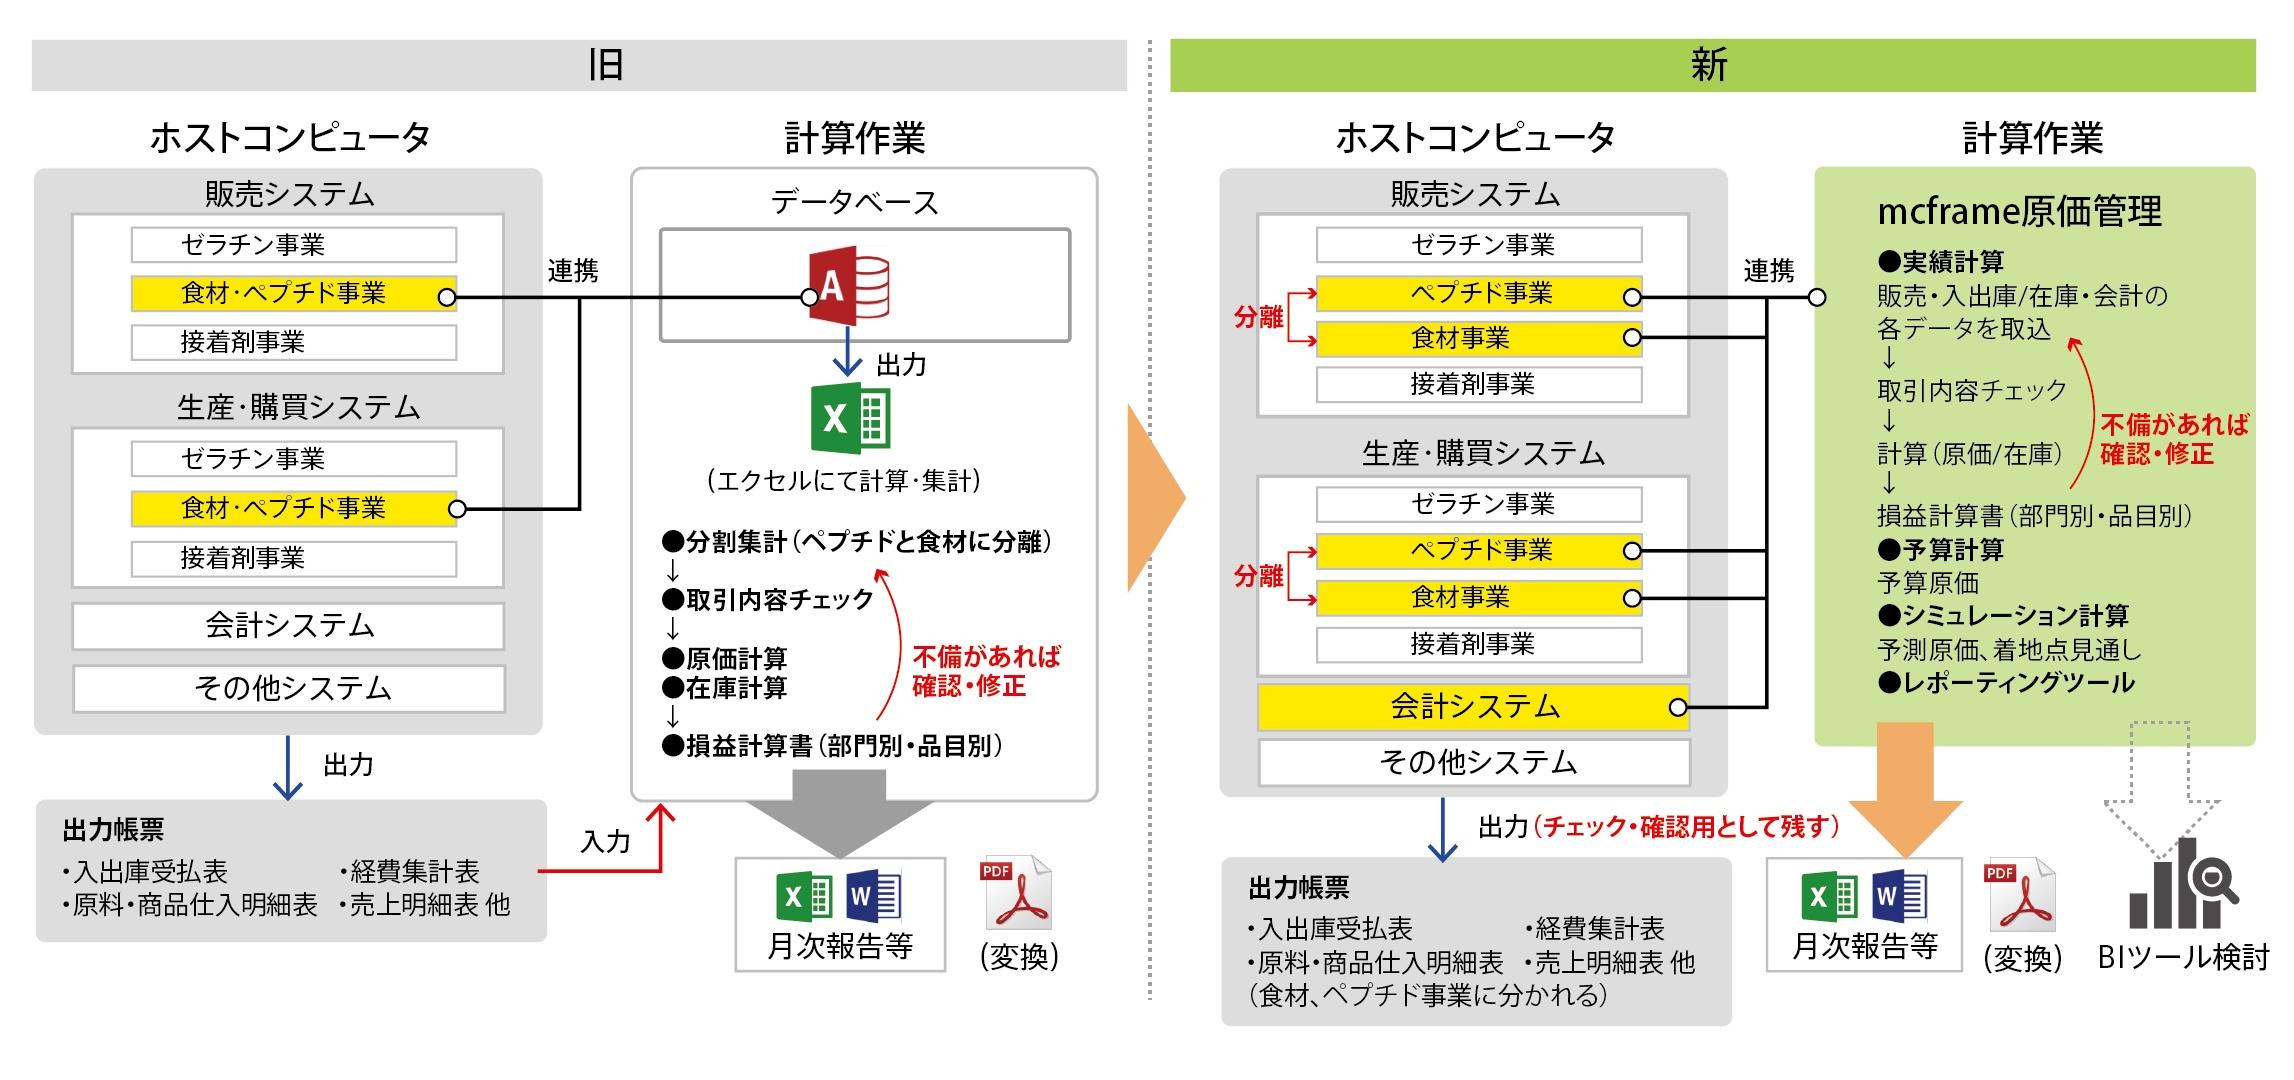 新田ゼラチンのシステム概要図